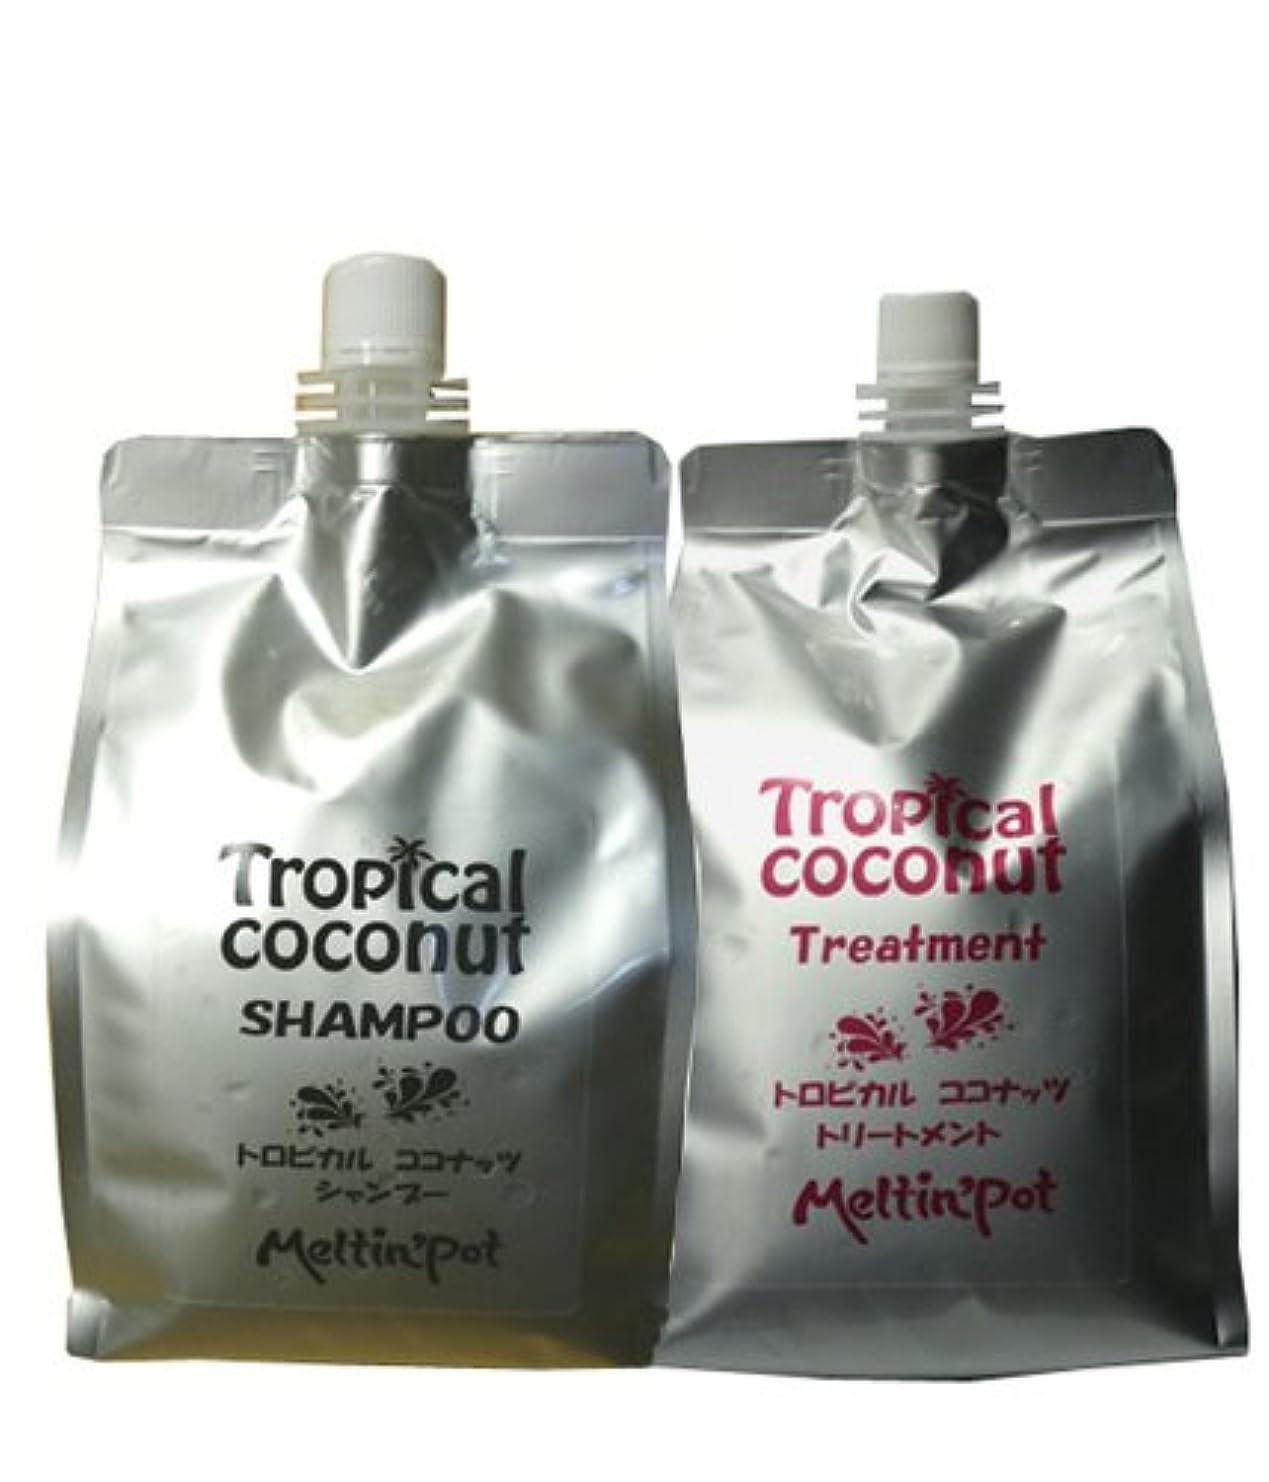 クモ届けるパテトロピカルココナッツ シャンプー&トリートメント 1000ml*2  Tropical coconut shampoo&treatment